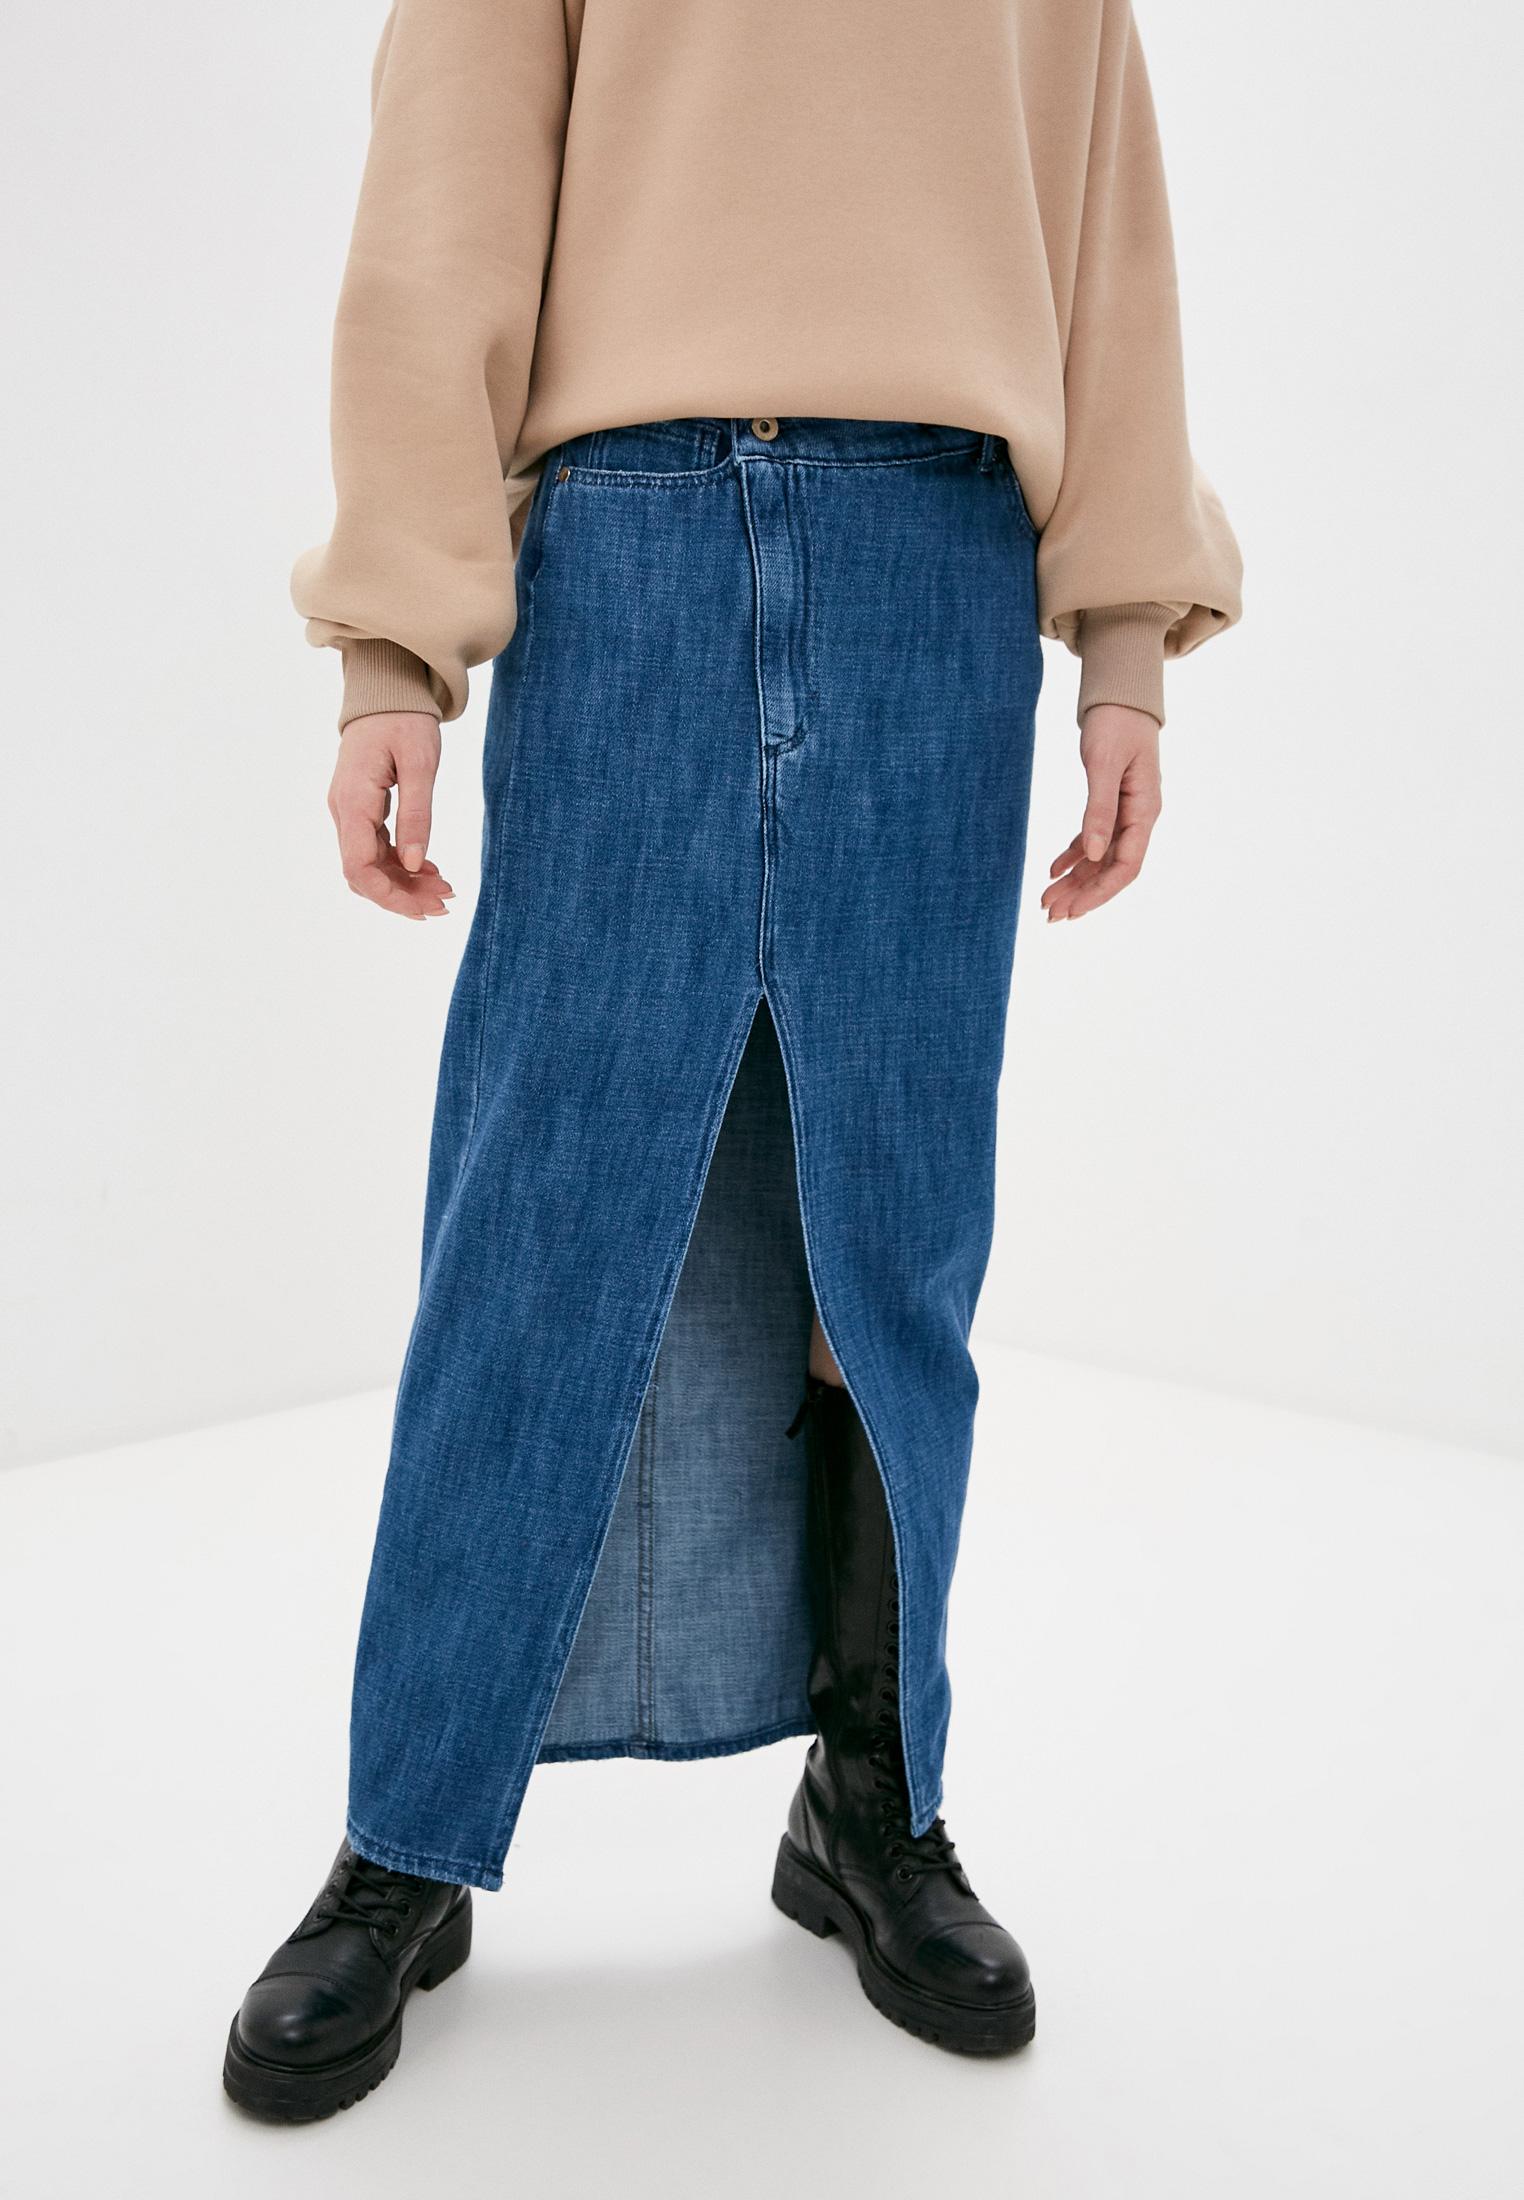 Джинсовая юбка Rinascimento Юбка джинсовая Rinascimento